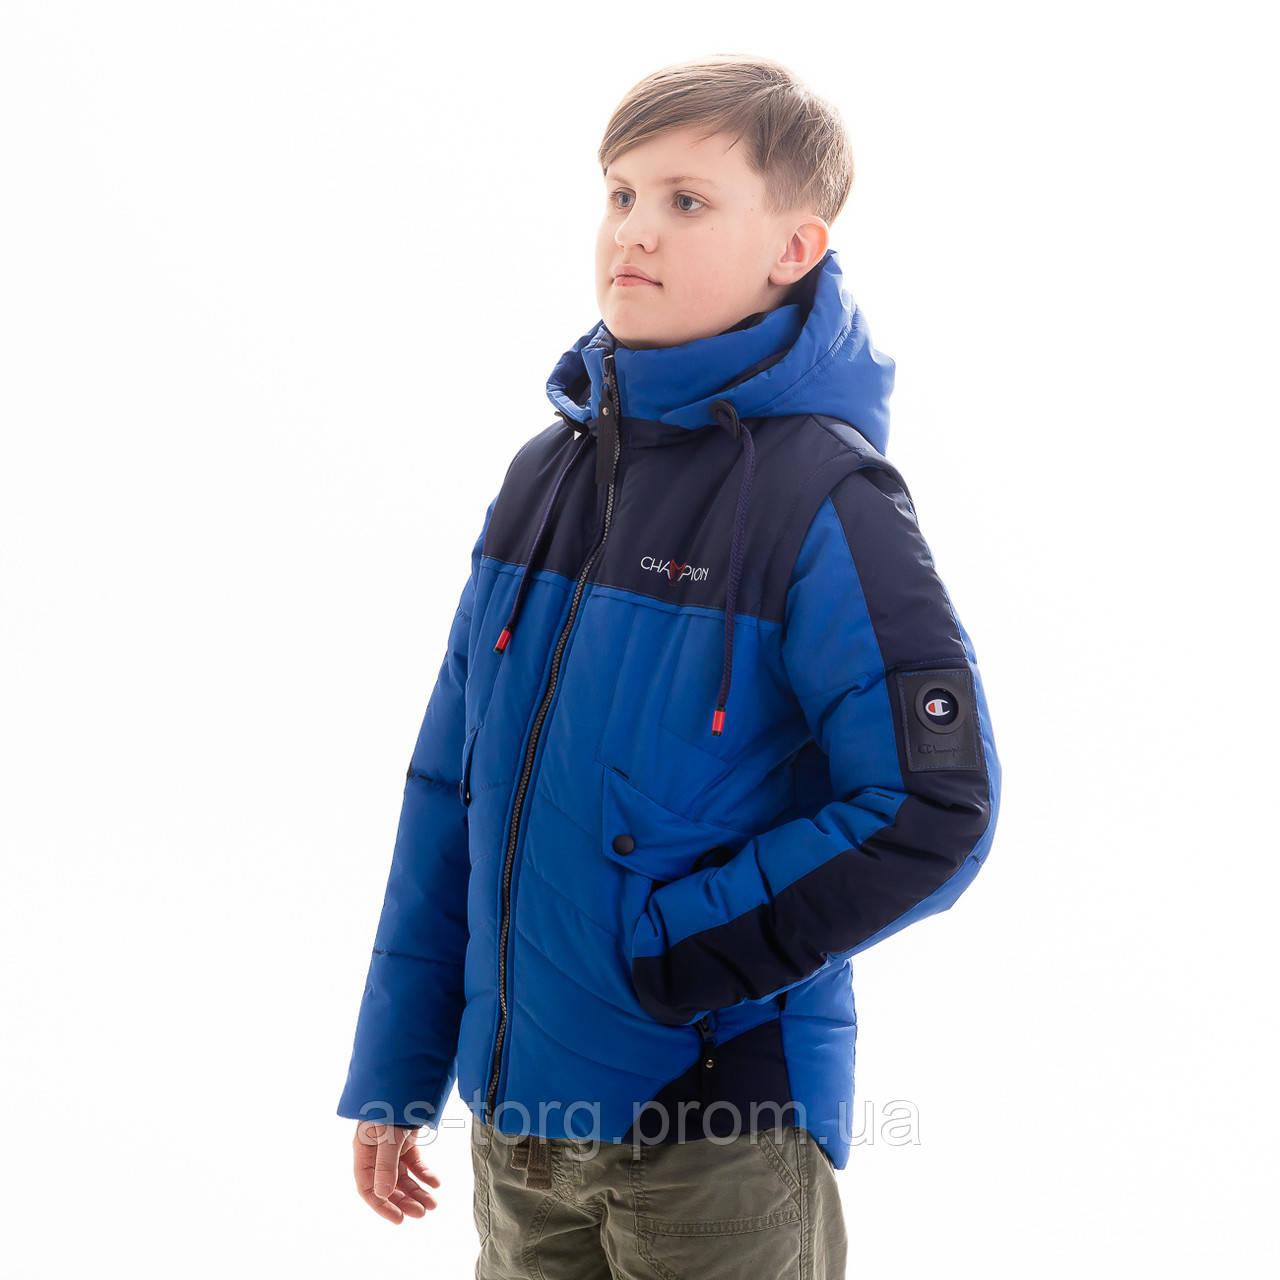 Куртка-жилет для мальчика «Стен»